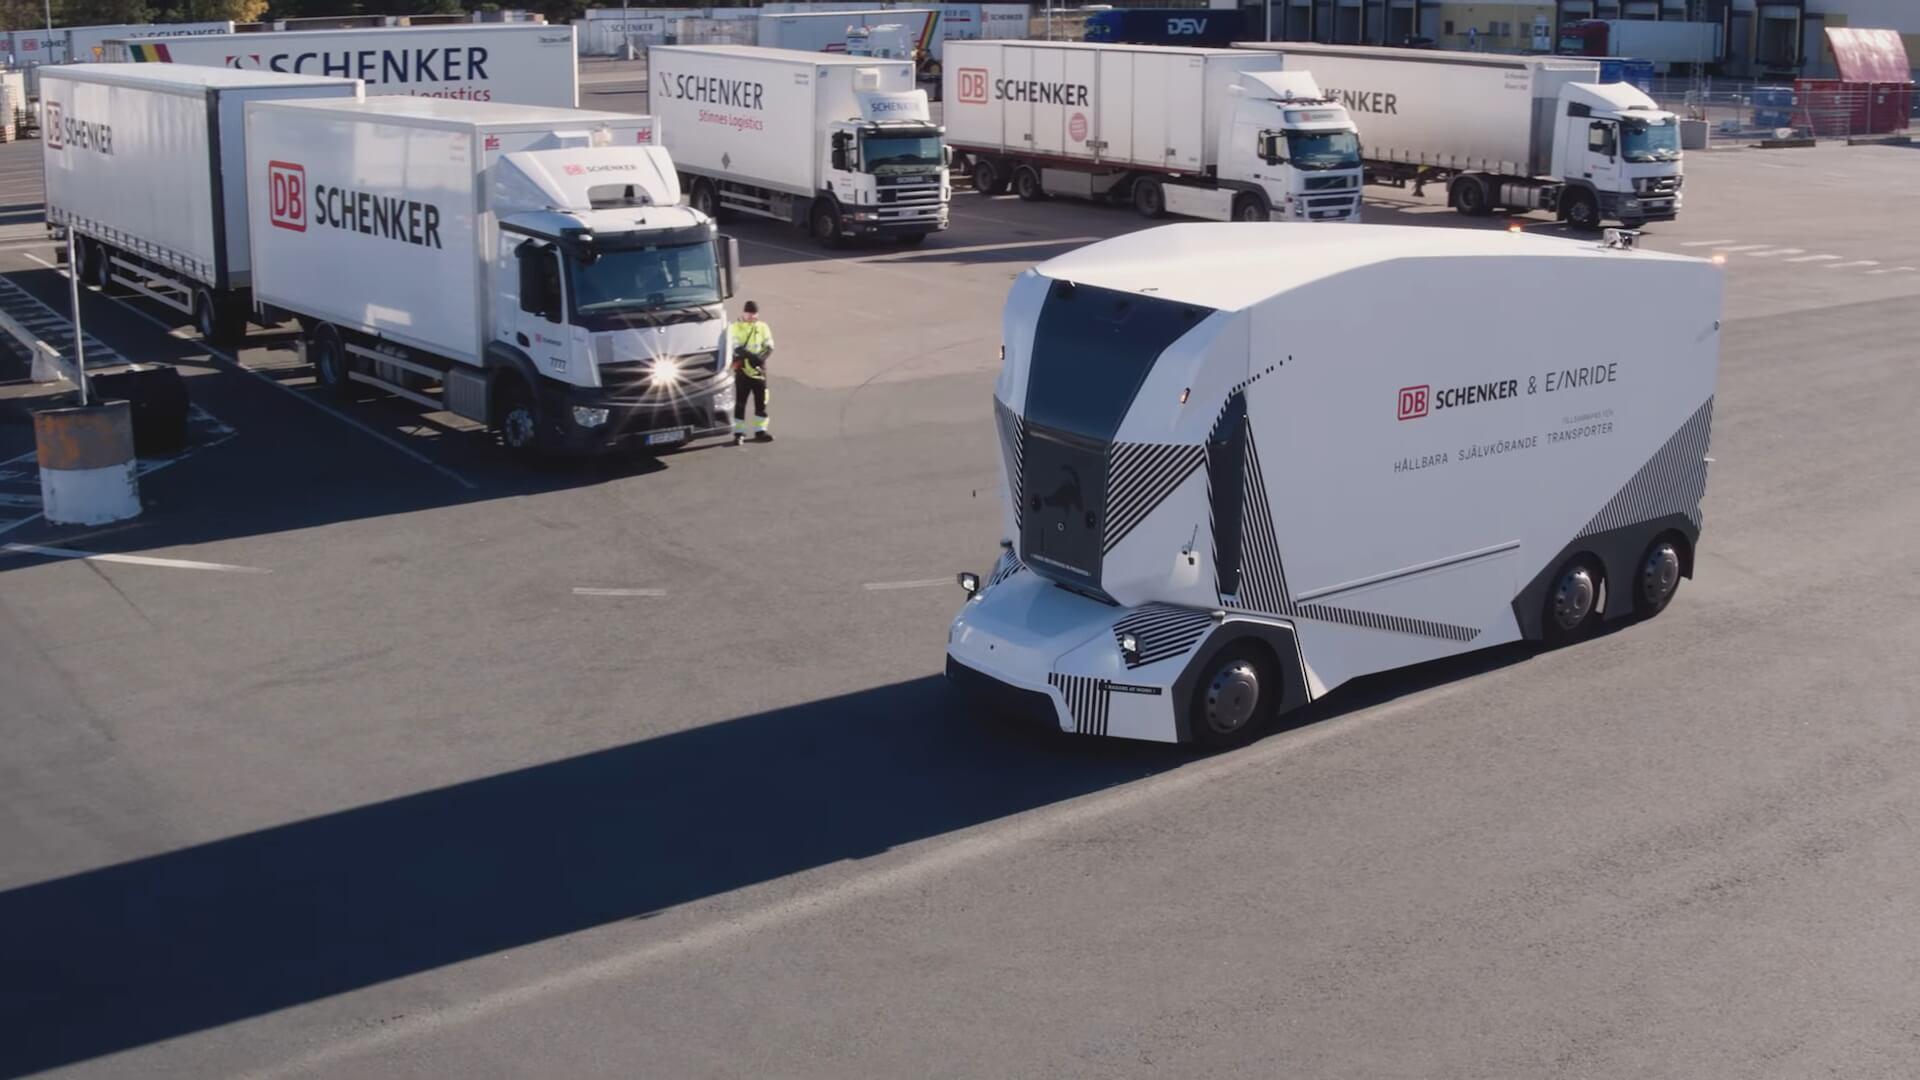 Автономный грузовик T-Pod допущен к работе на дорогах Швеции